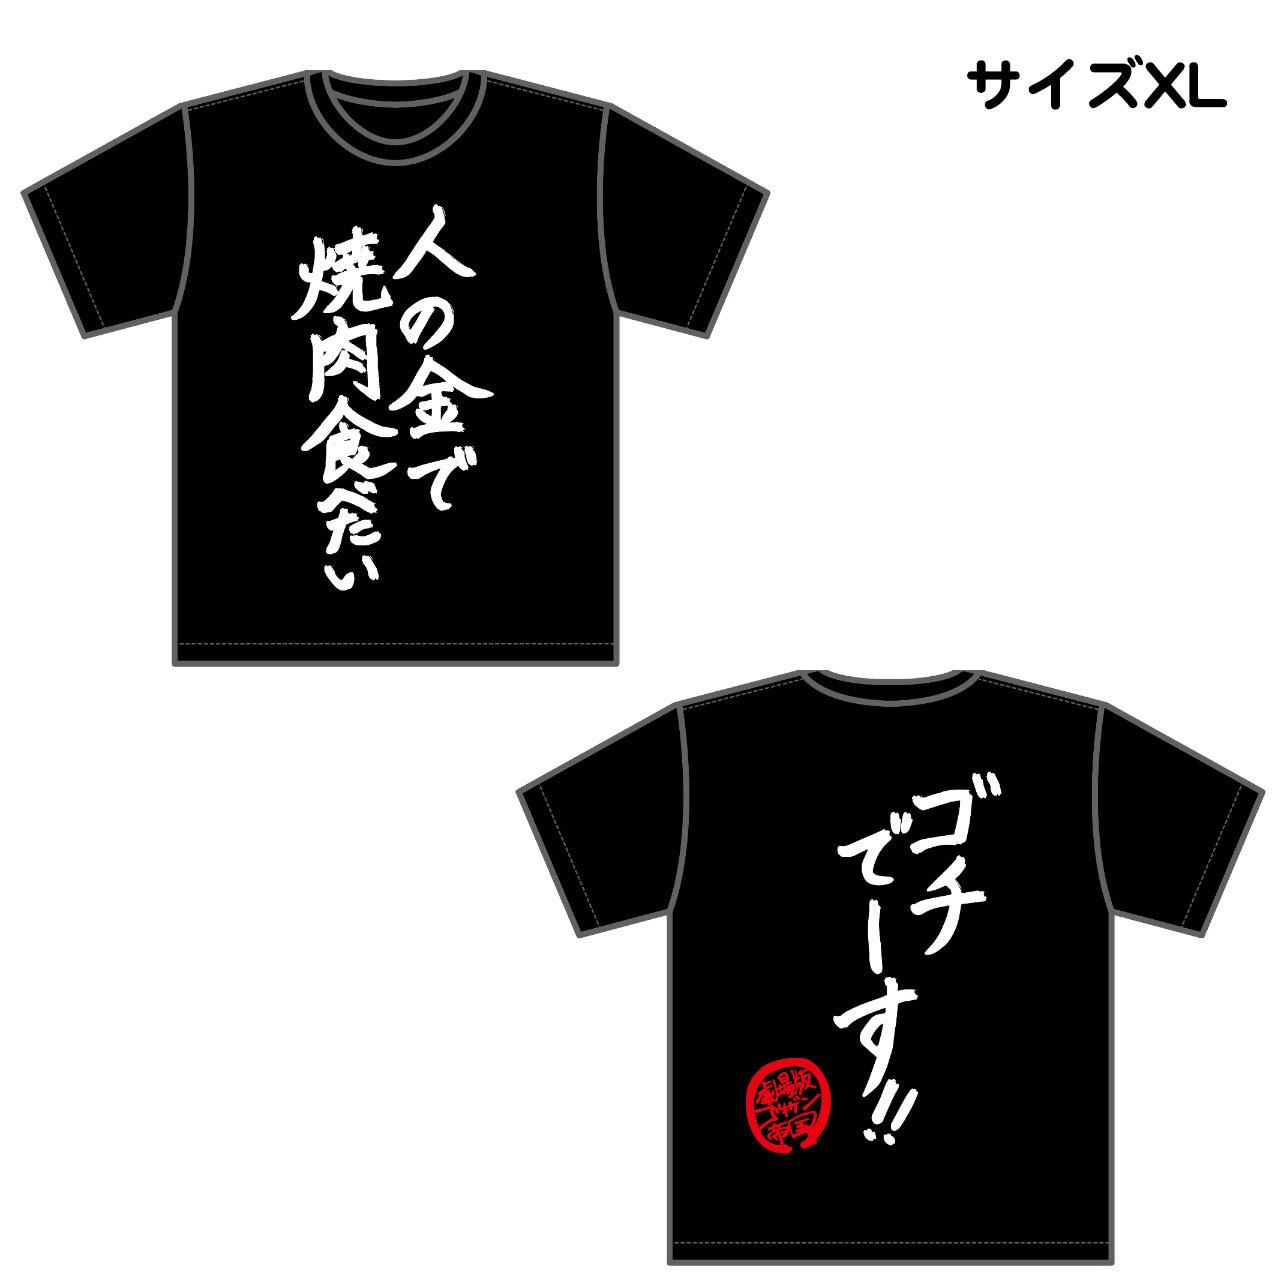 【数量限定】劇場版ゴキゲン帝国/「人の金で焼肉食べたい」Tシャツ/先斗ぺろカラー/XL